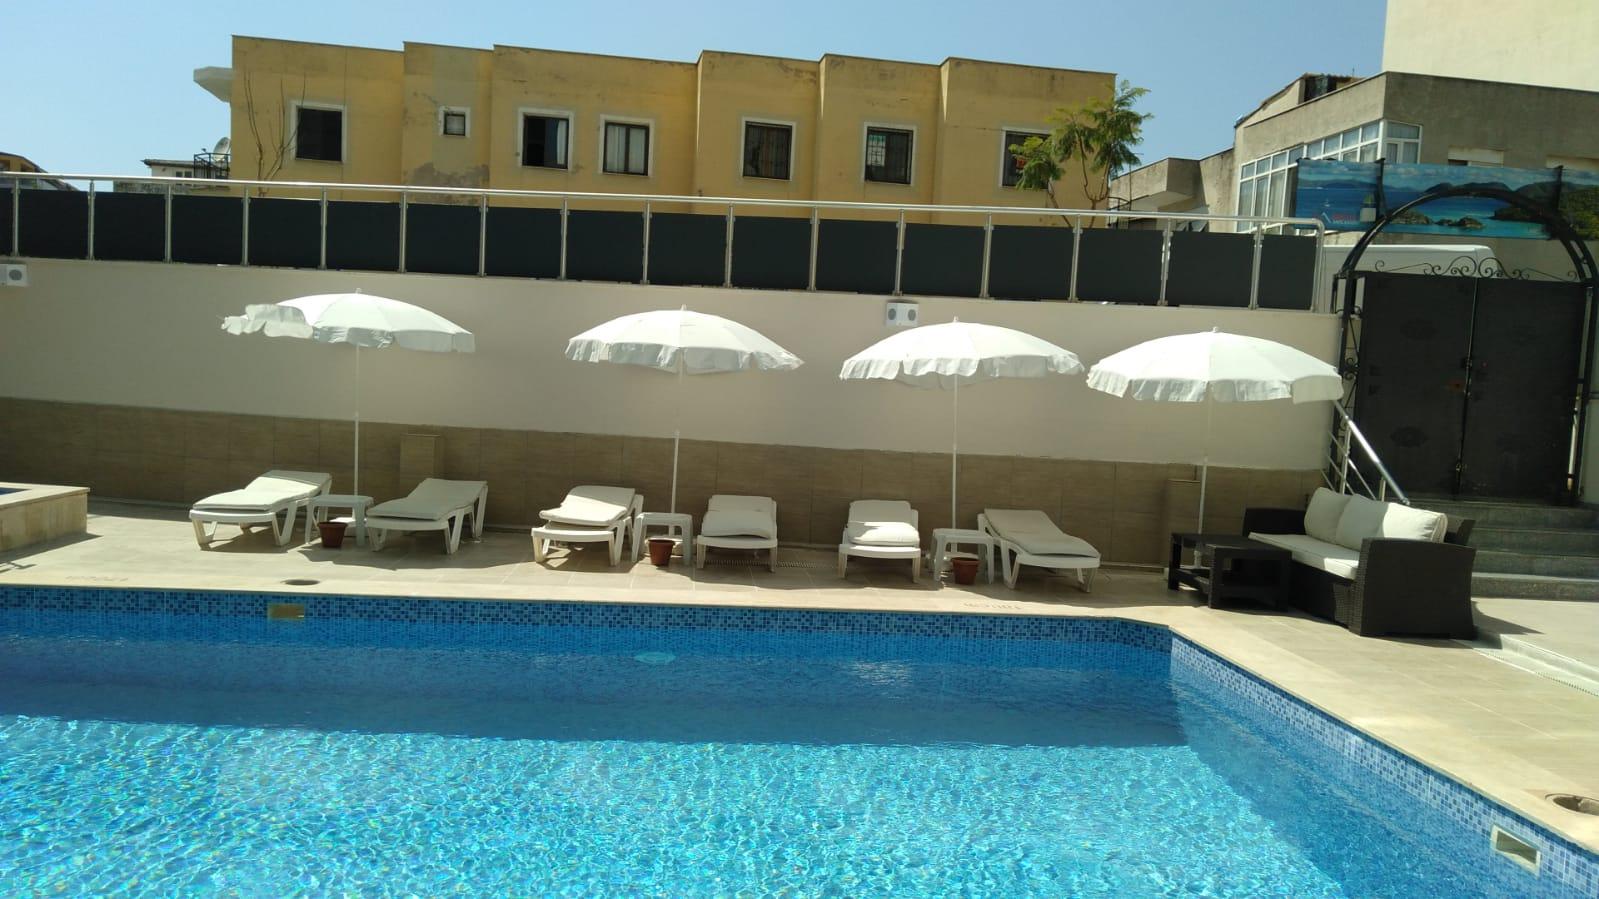 Letovanje Turska  autobusom, Kusadasi, Hotel Roxx Royal ex Santur, bazen hotela